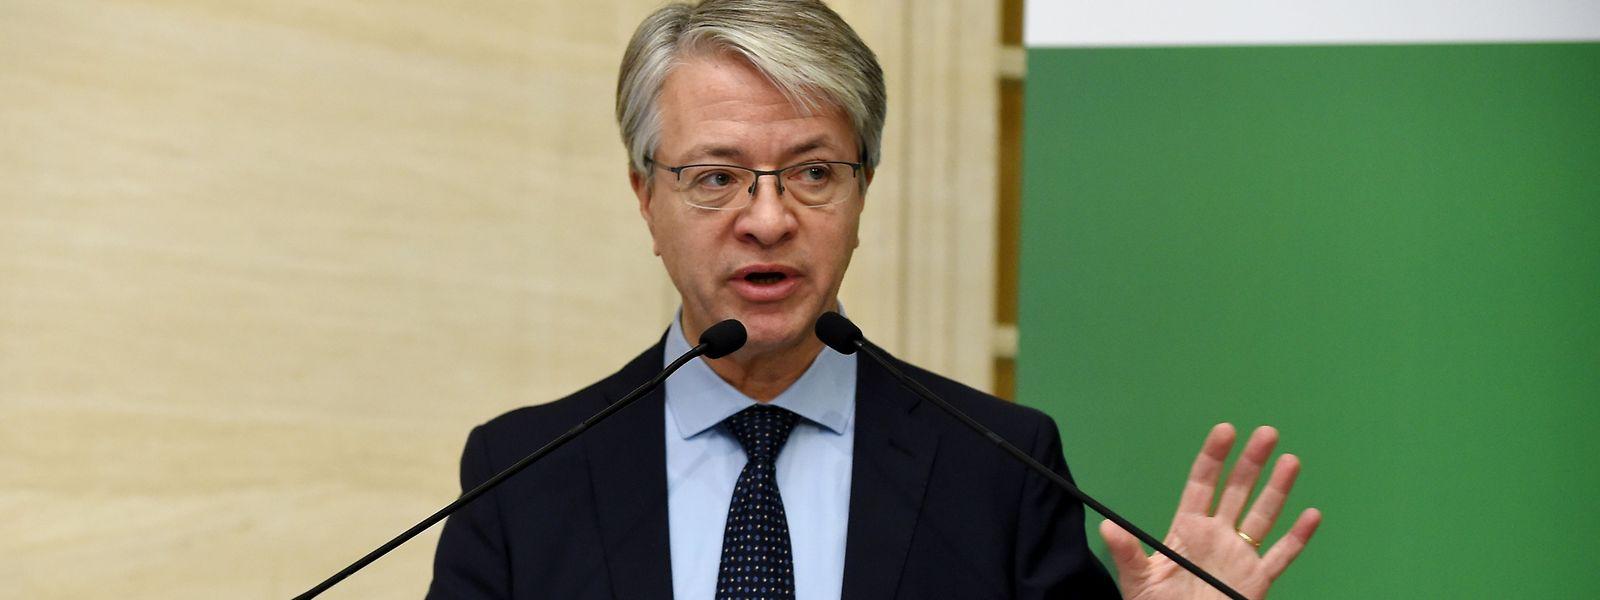 L'établissement financier, dirigé par Jean-Laurent Bonnafé, a pour 6,6 milliards d'euros de fonds verts sous gestion (Photo Eric Piemont/ AFP)